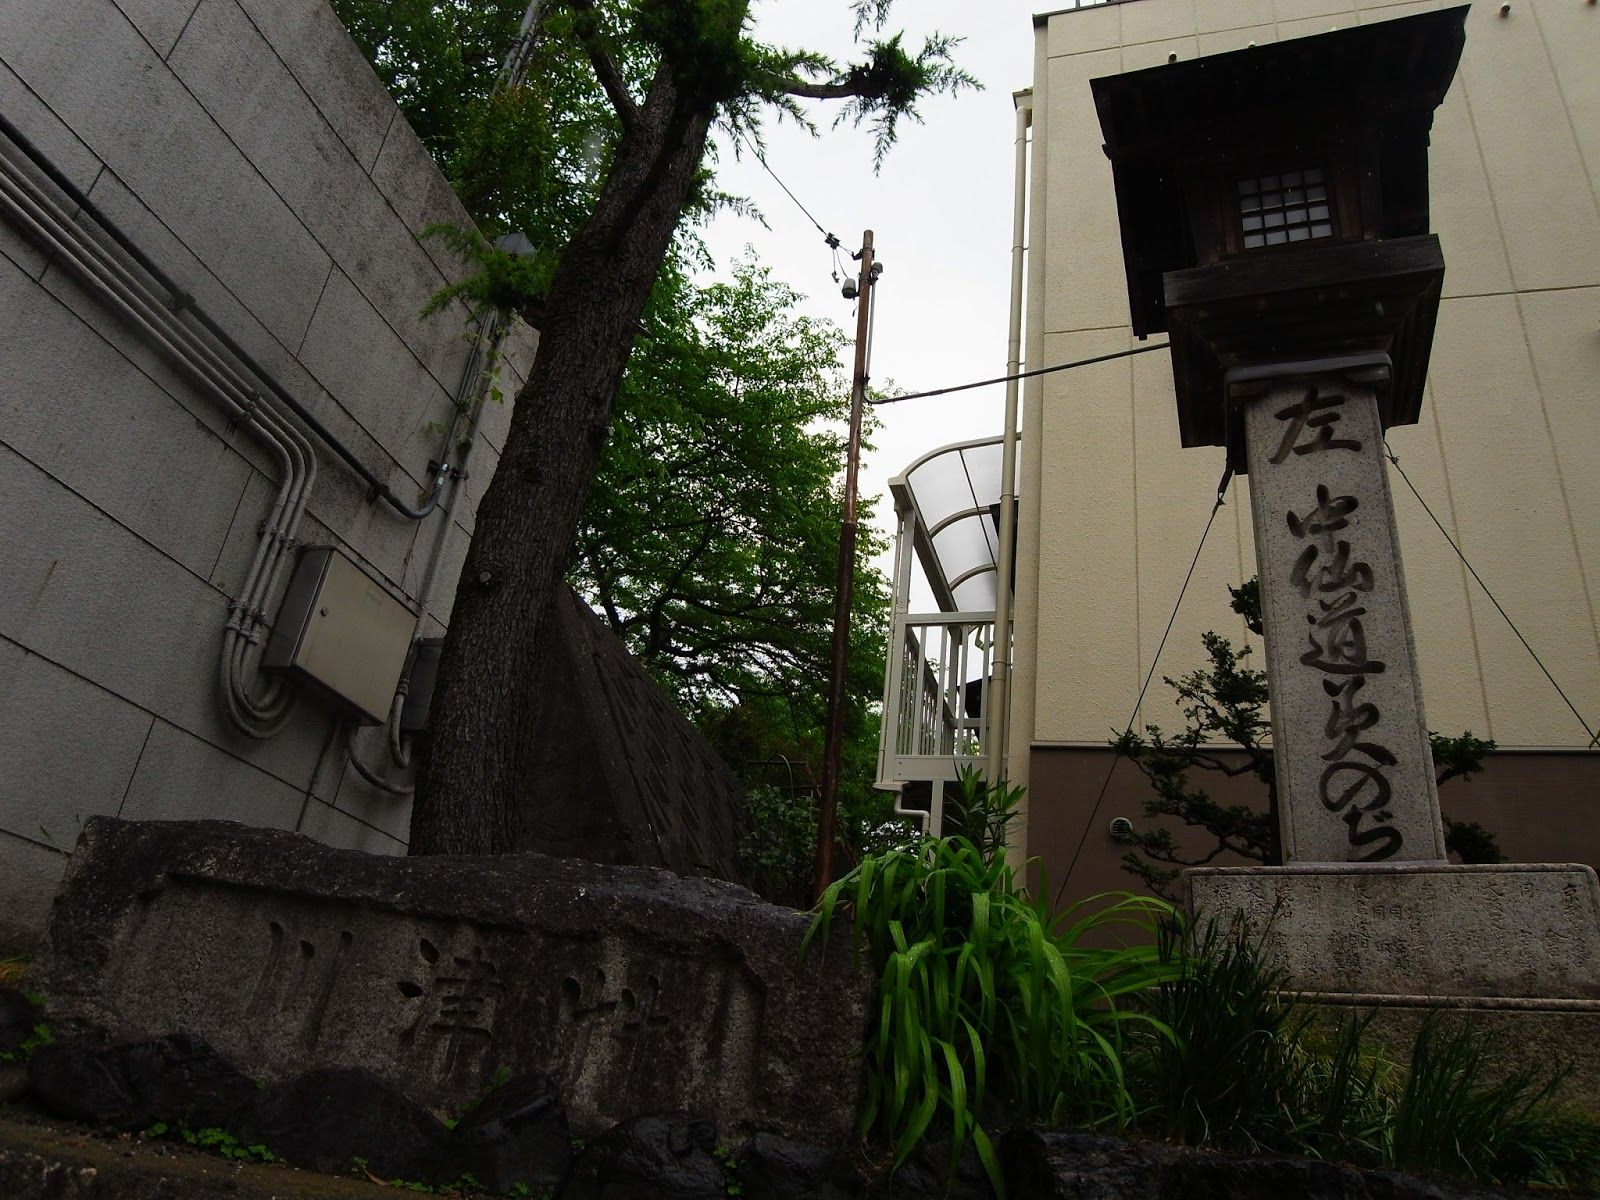 宿場町 草津宿 東海道と中山道が出会う町 を旅して その1